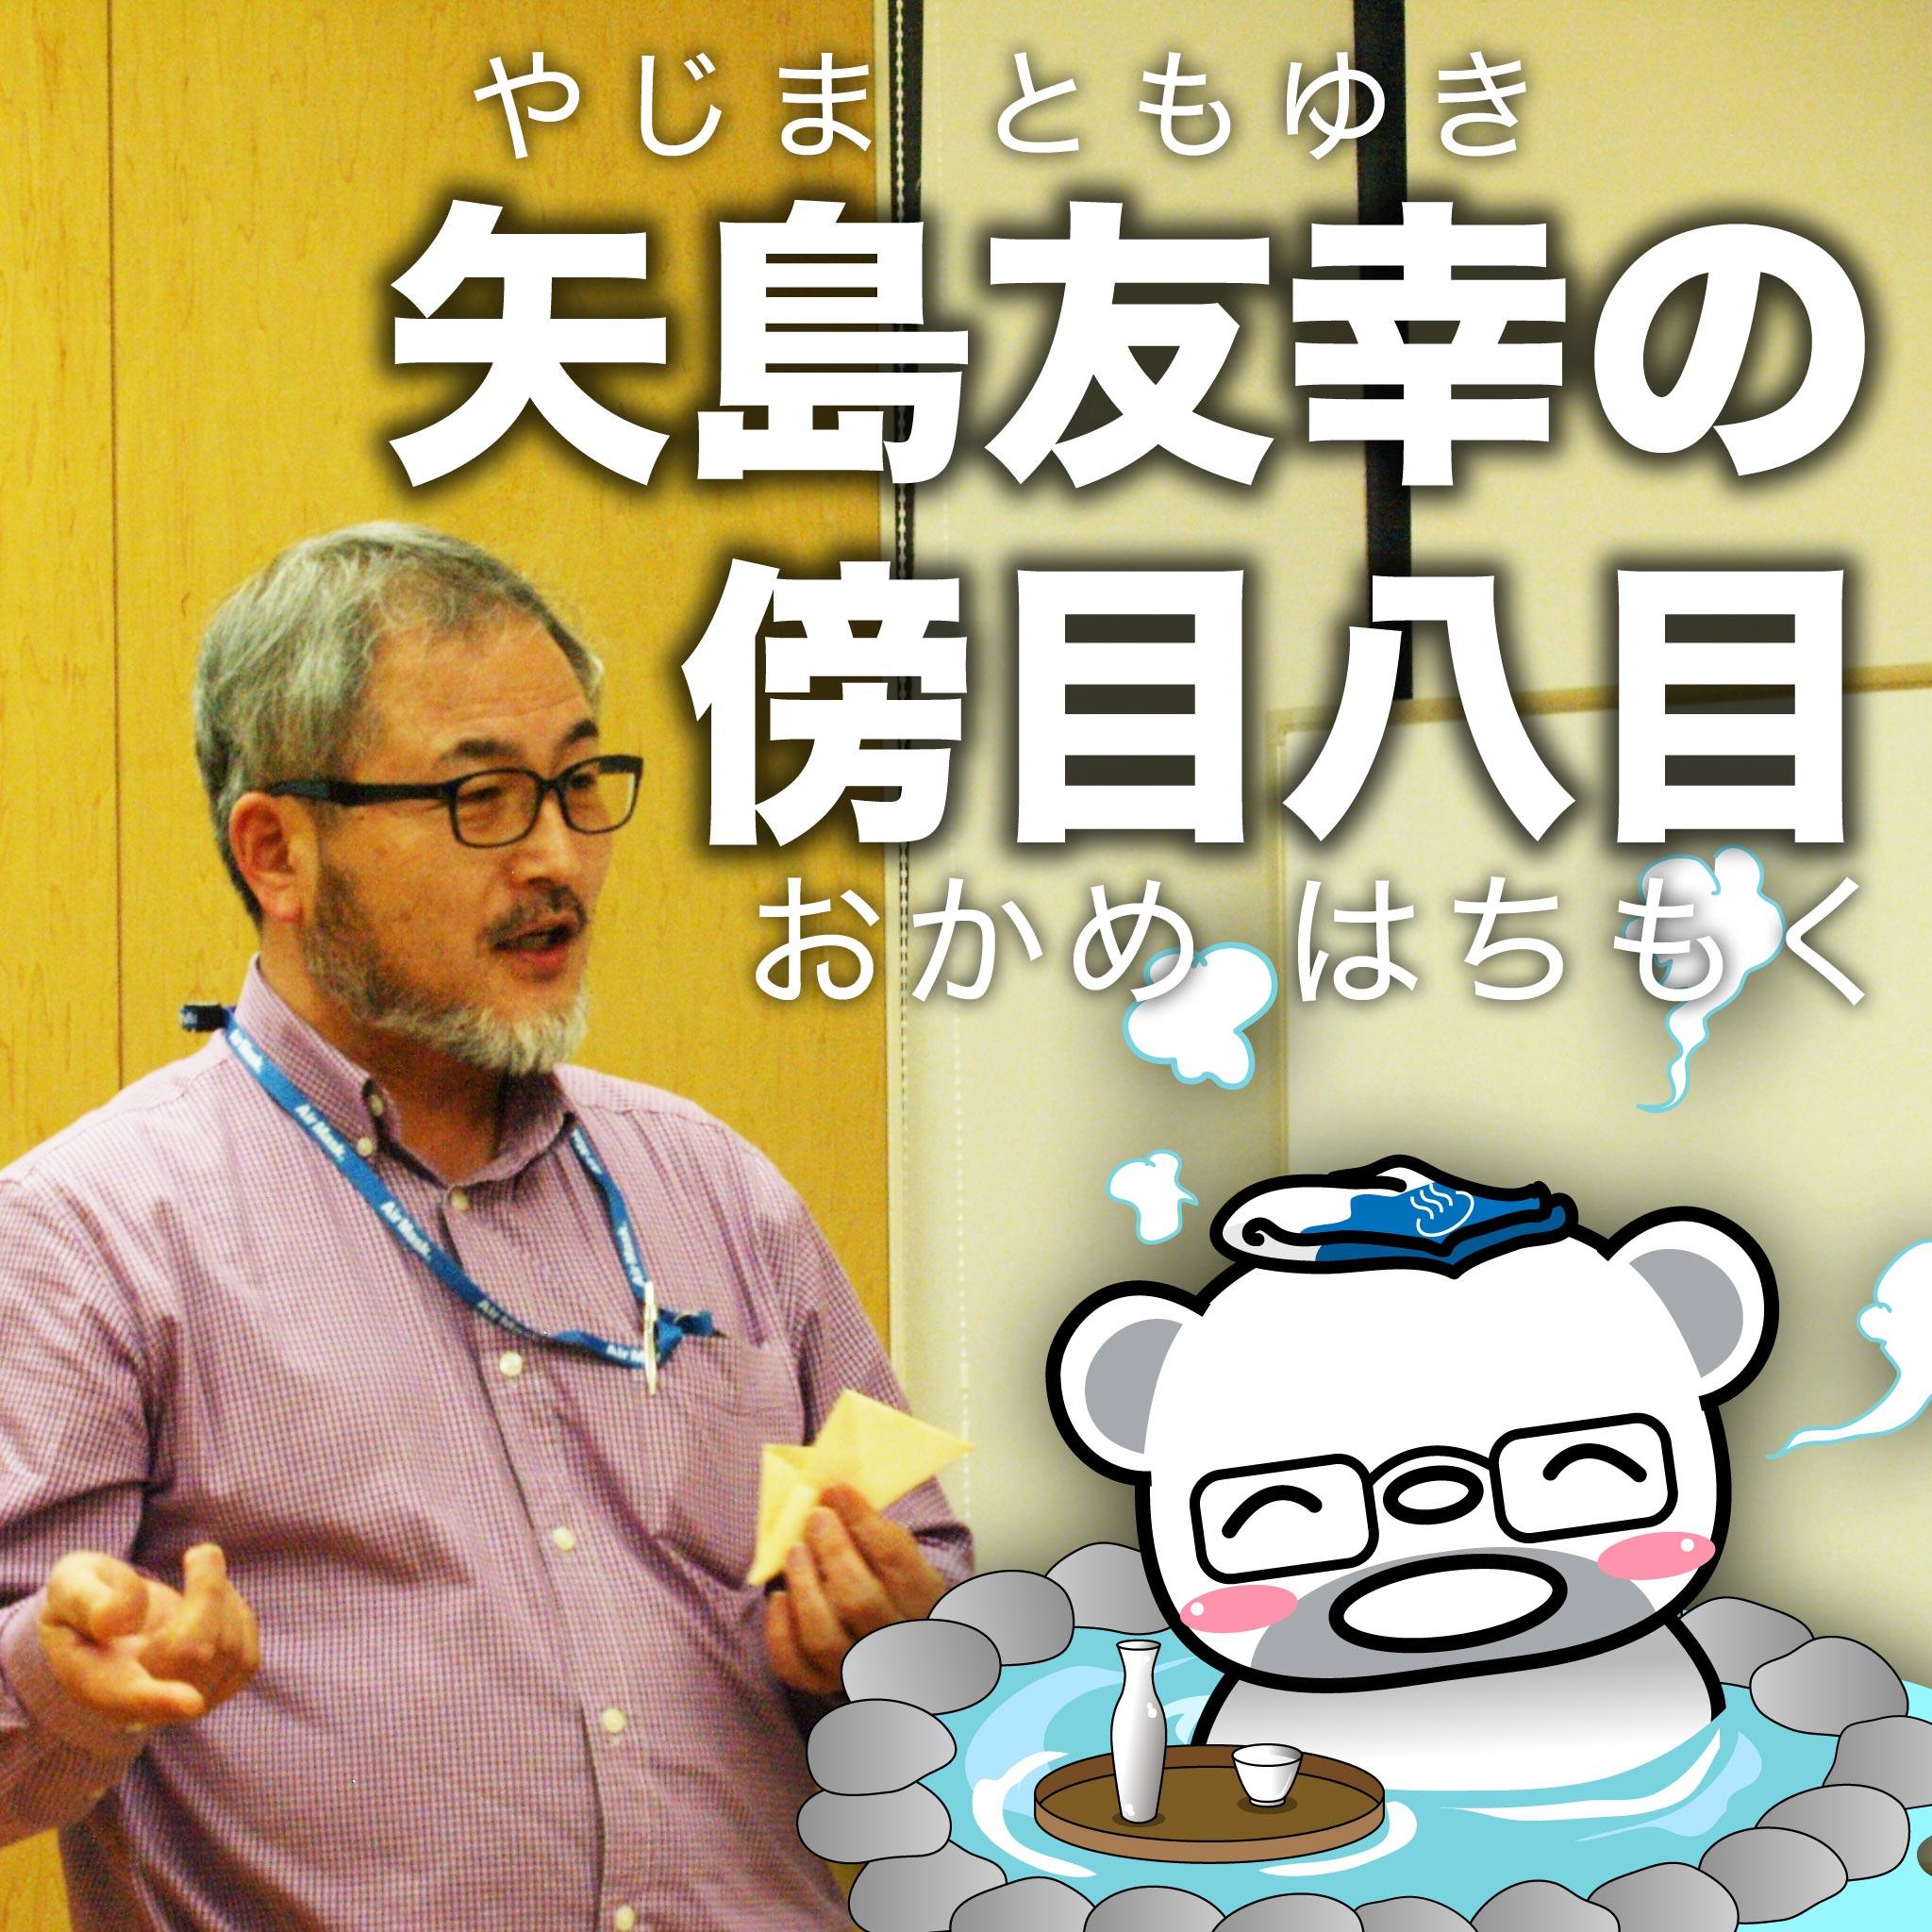 矢島友幸の傍目八目 ~小さな会社の社長さんに伝えたい、人事・労務のプチヒント!~